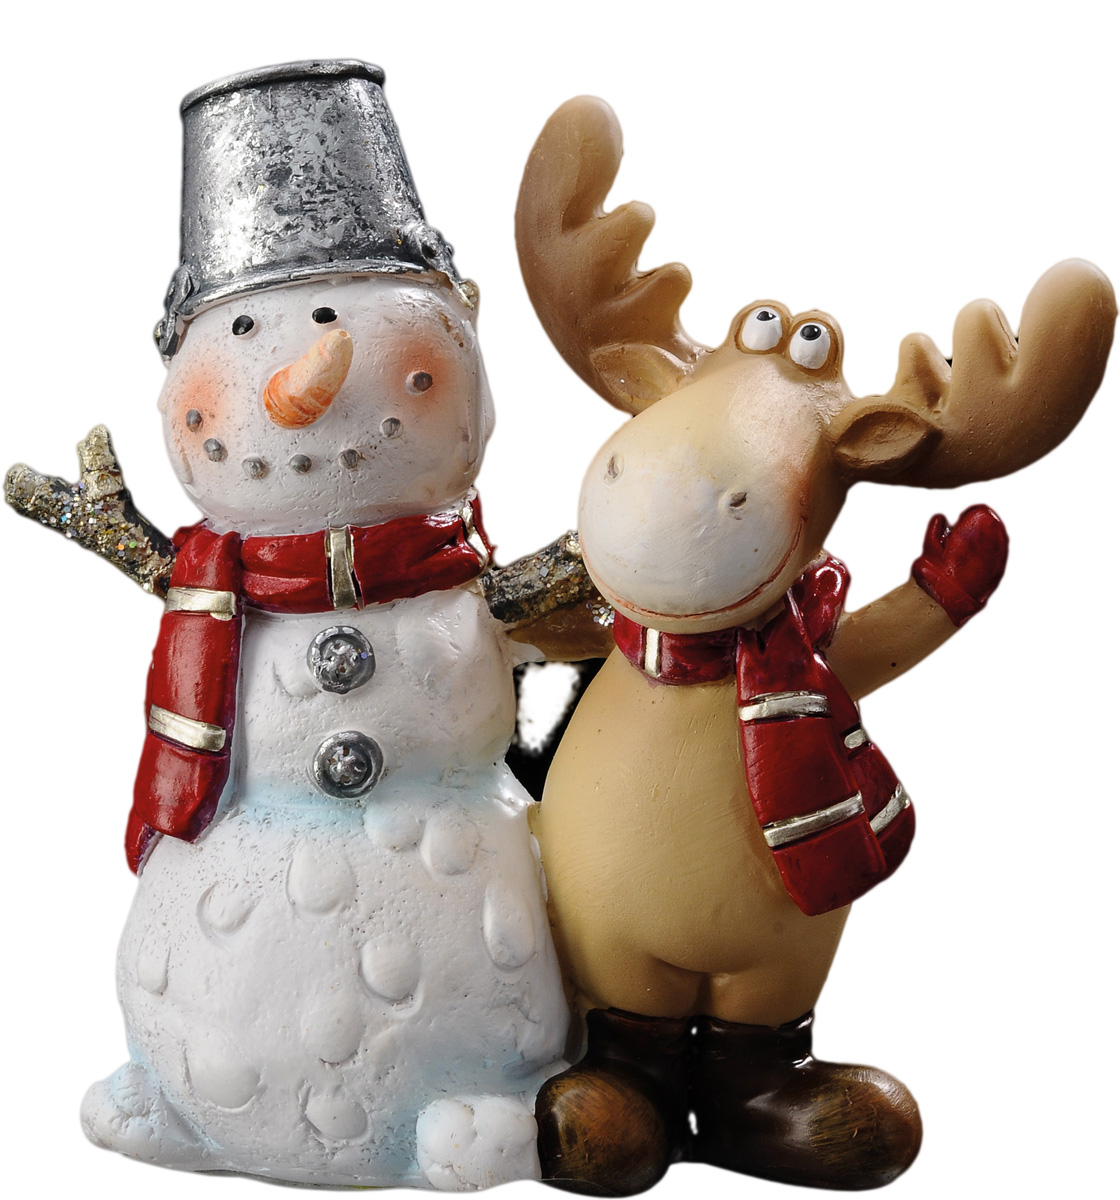 Сувенир новогодний Erich Krause Веселые ребята, 8 см. 3878438784Милый настольный сувенир отличается хорошо прорисованными деталями. Новогодние украшения всегда несут в себе волшебство и красоту праздника. Создайте в своем доме атмосферу тепла, веселья и радости, украшая его всей семьей.